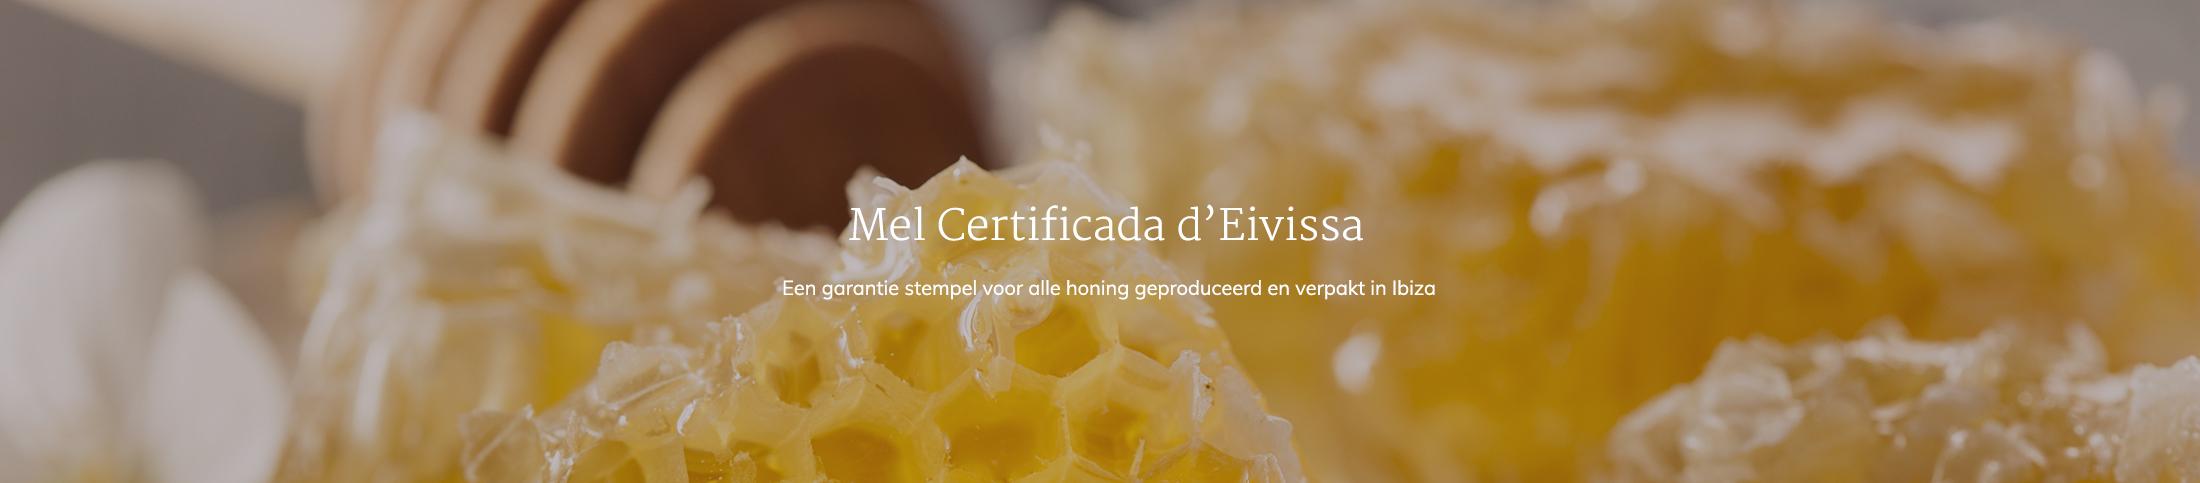 Mel-Certificada-d'Eivissa